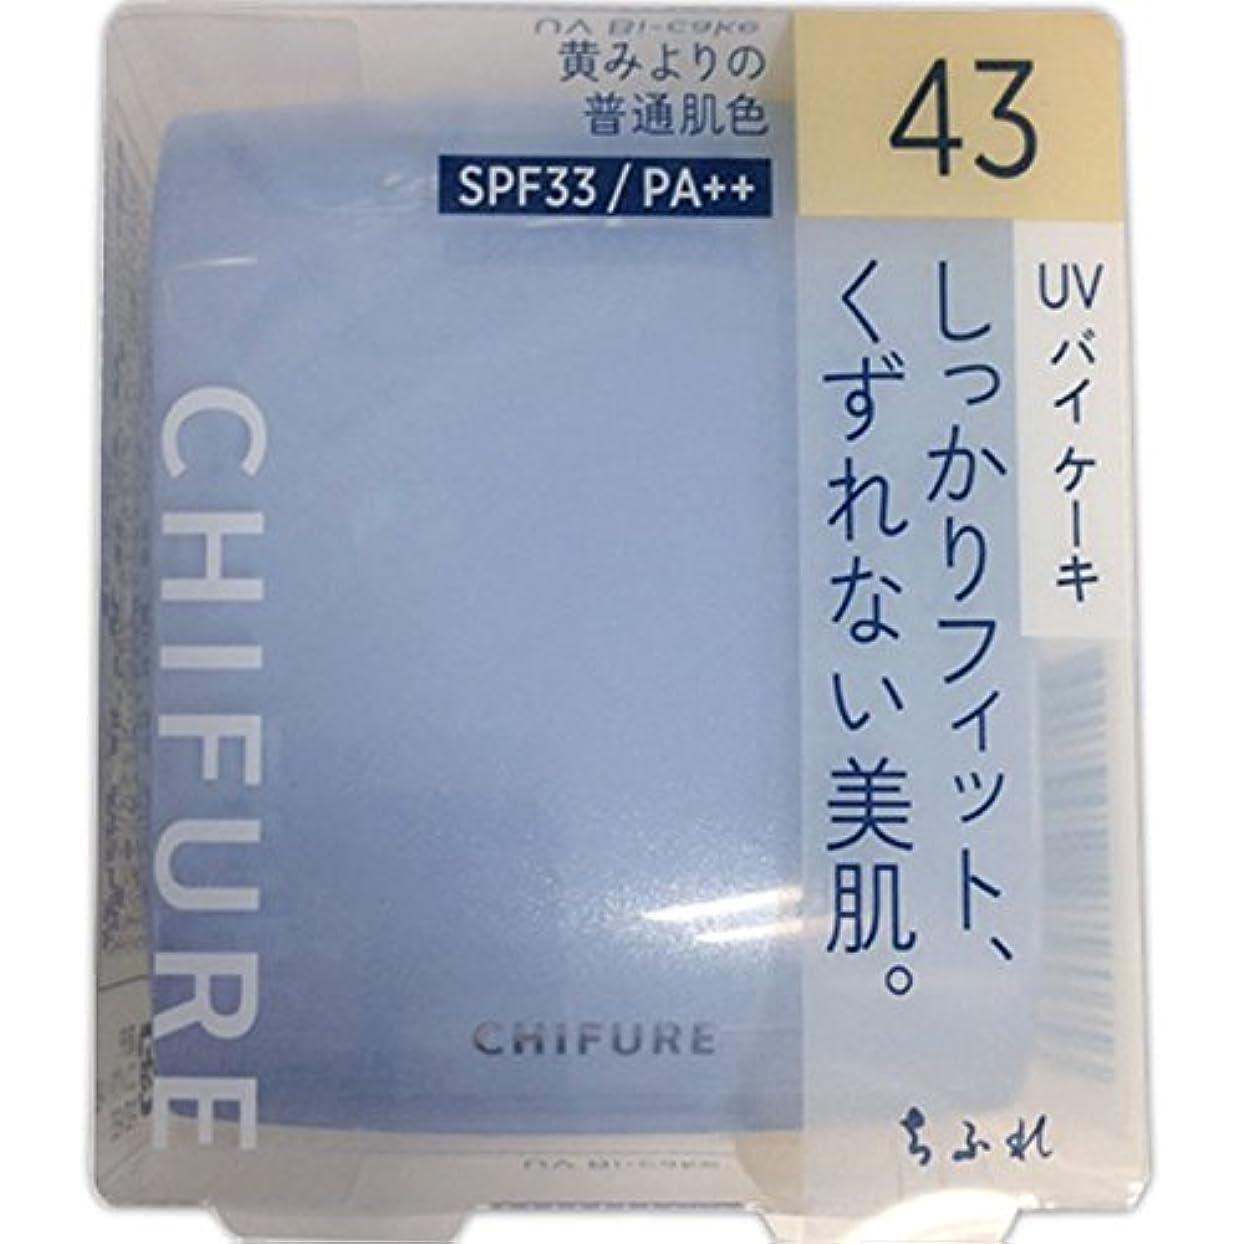 集計サイバースペースサルベージちふれ化粧品 UV バイ ケーキ(スポンジ入り) 43 黄みよりの普通肌色 43